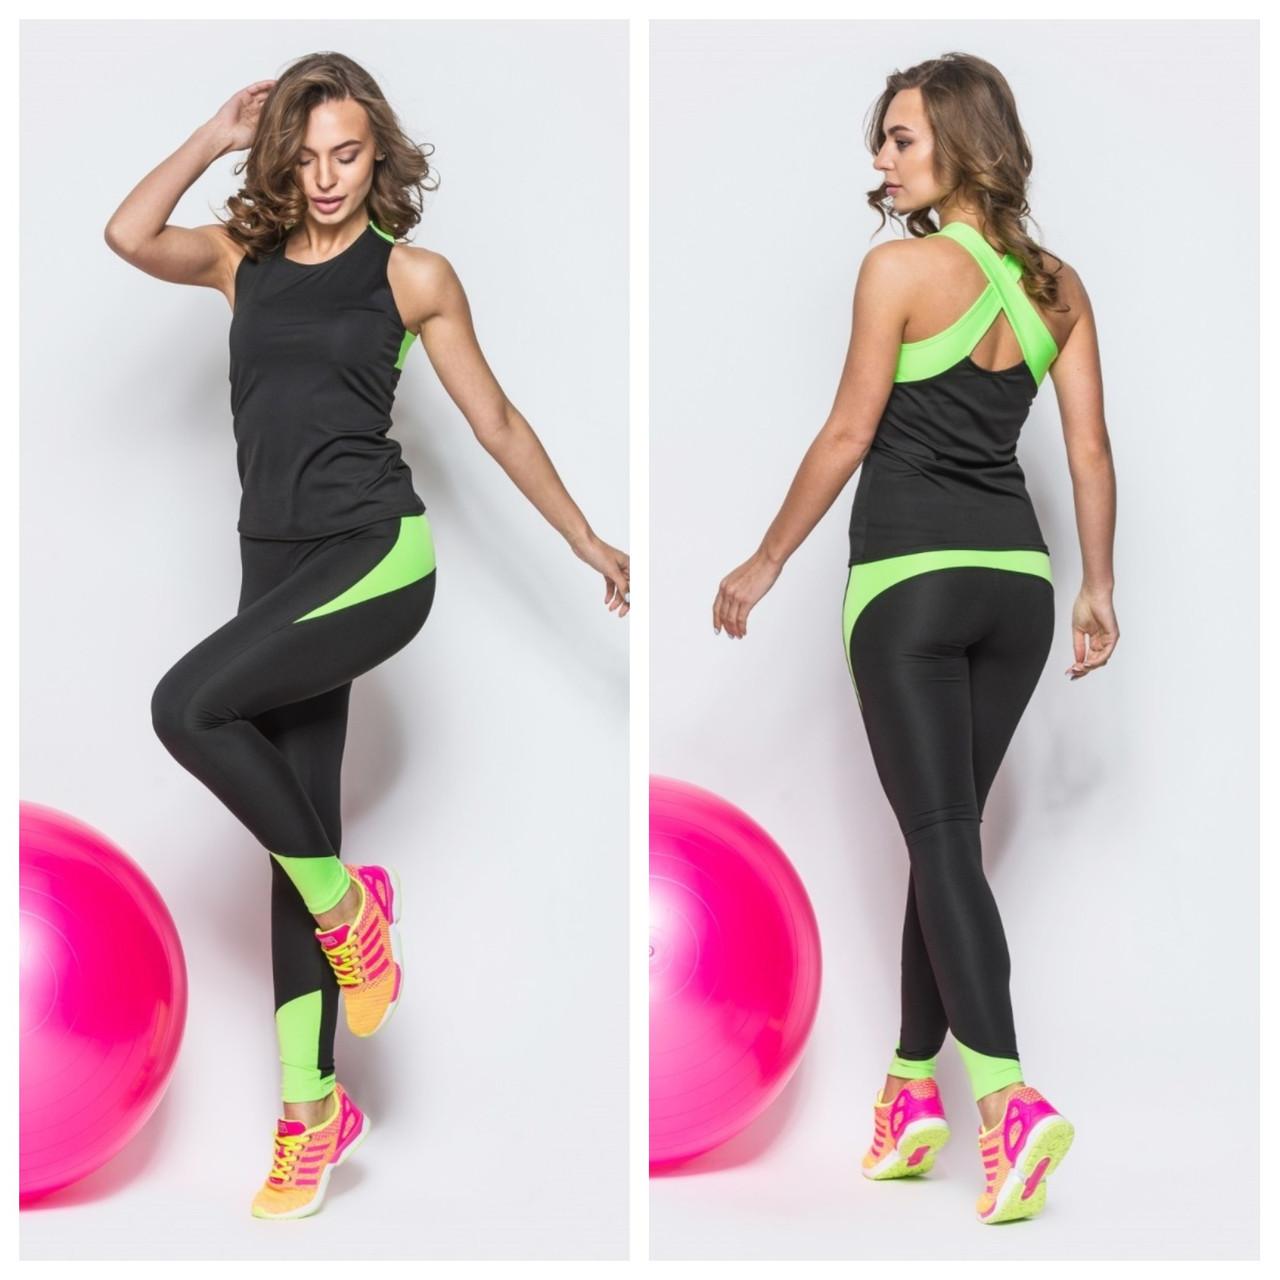 Спортивный костюм женский для фитнеса 2в1 Леггинсы Лосины для спорта Спортивная майка Одежда для фитнеса Черный-салатовый